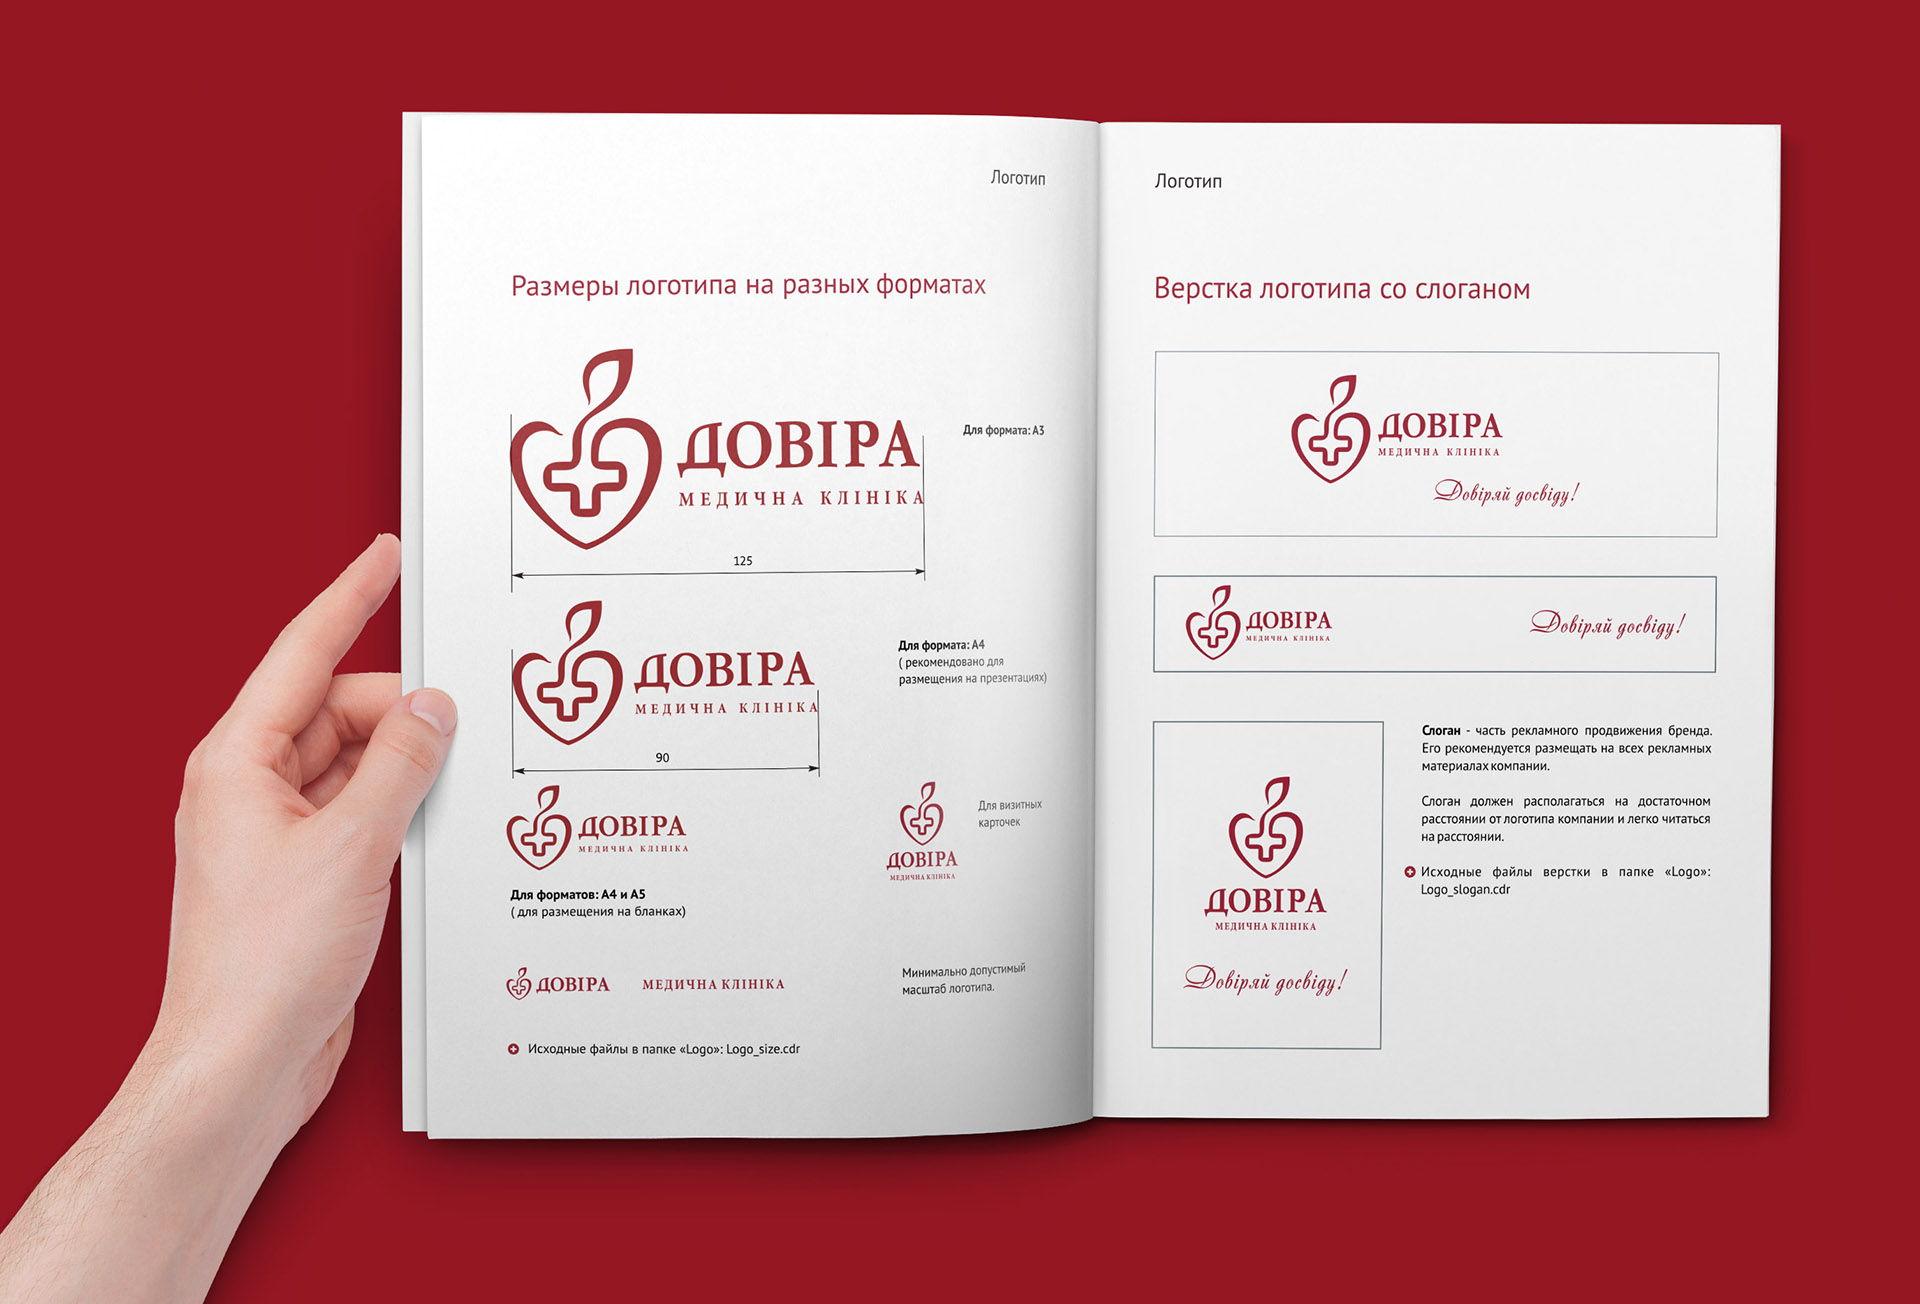 Дизайн логотипа для медицинского центра Довира, Logo design for Dovira medical center